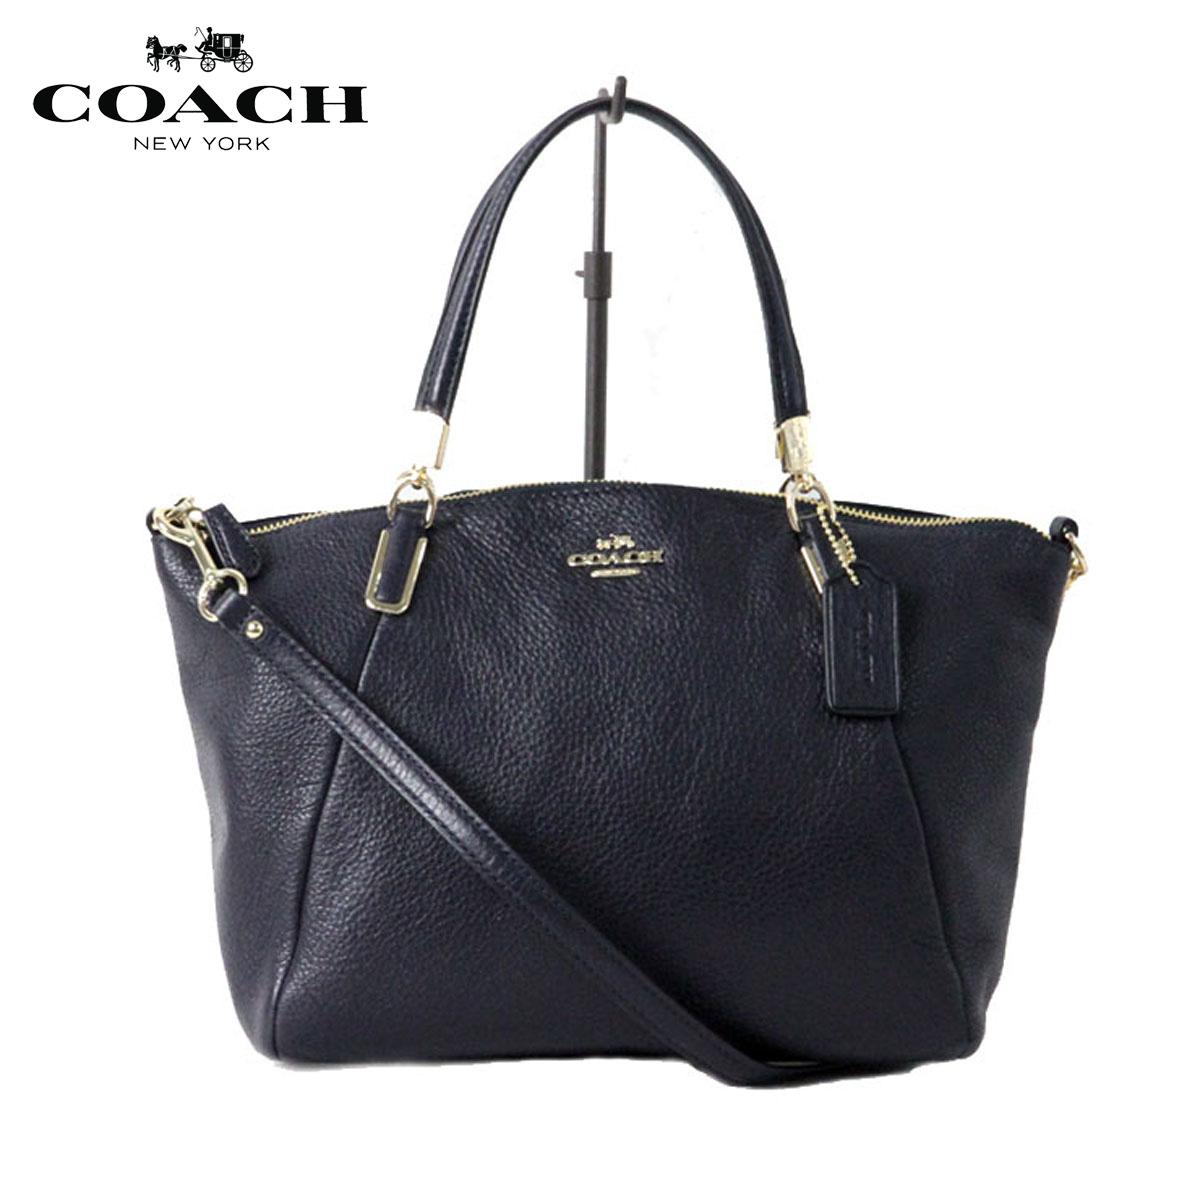 コーチ COACH 正規品 レディース バッグ SATCHEL F34493 IMMID